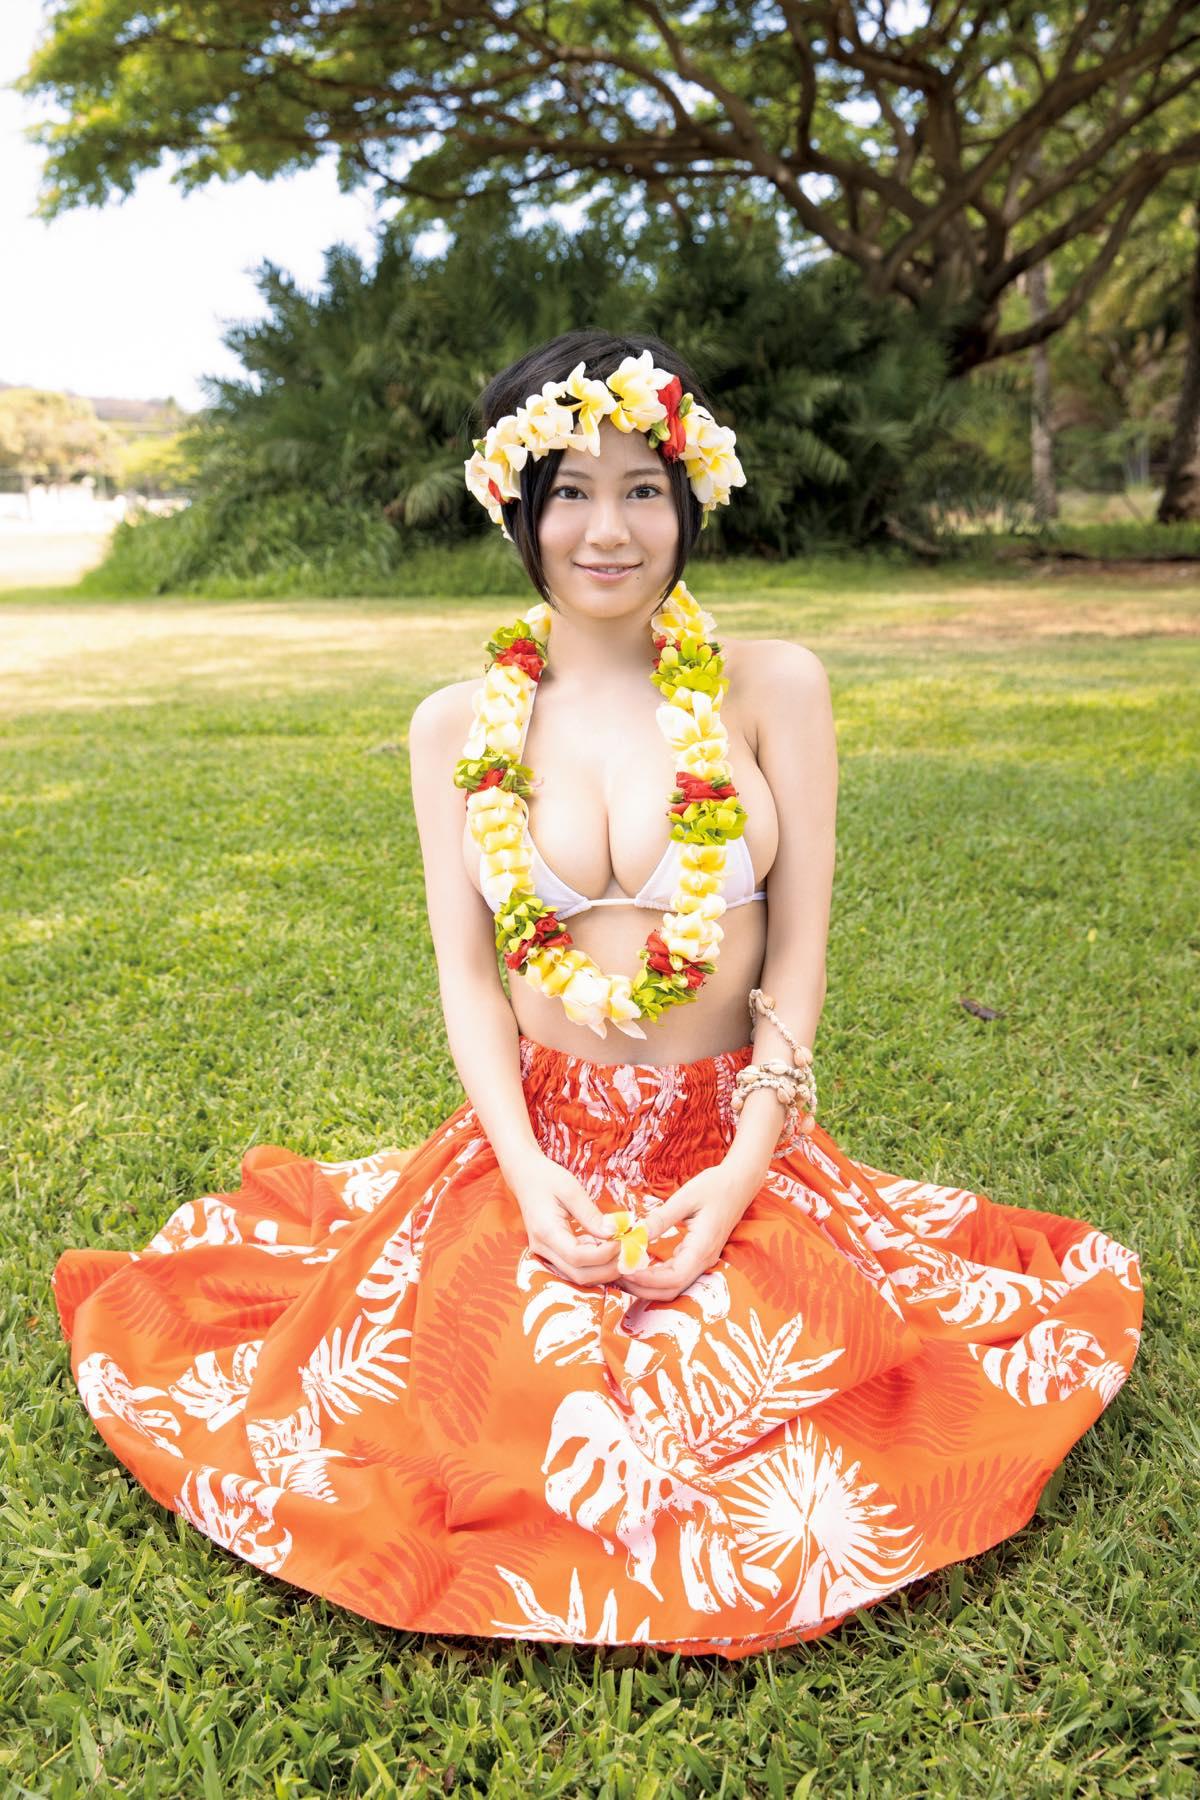 RaMu「胸だけデカい」148cmミニマムボディ【写真8枚】の画像002